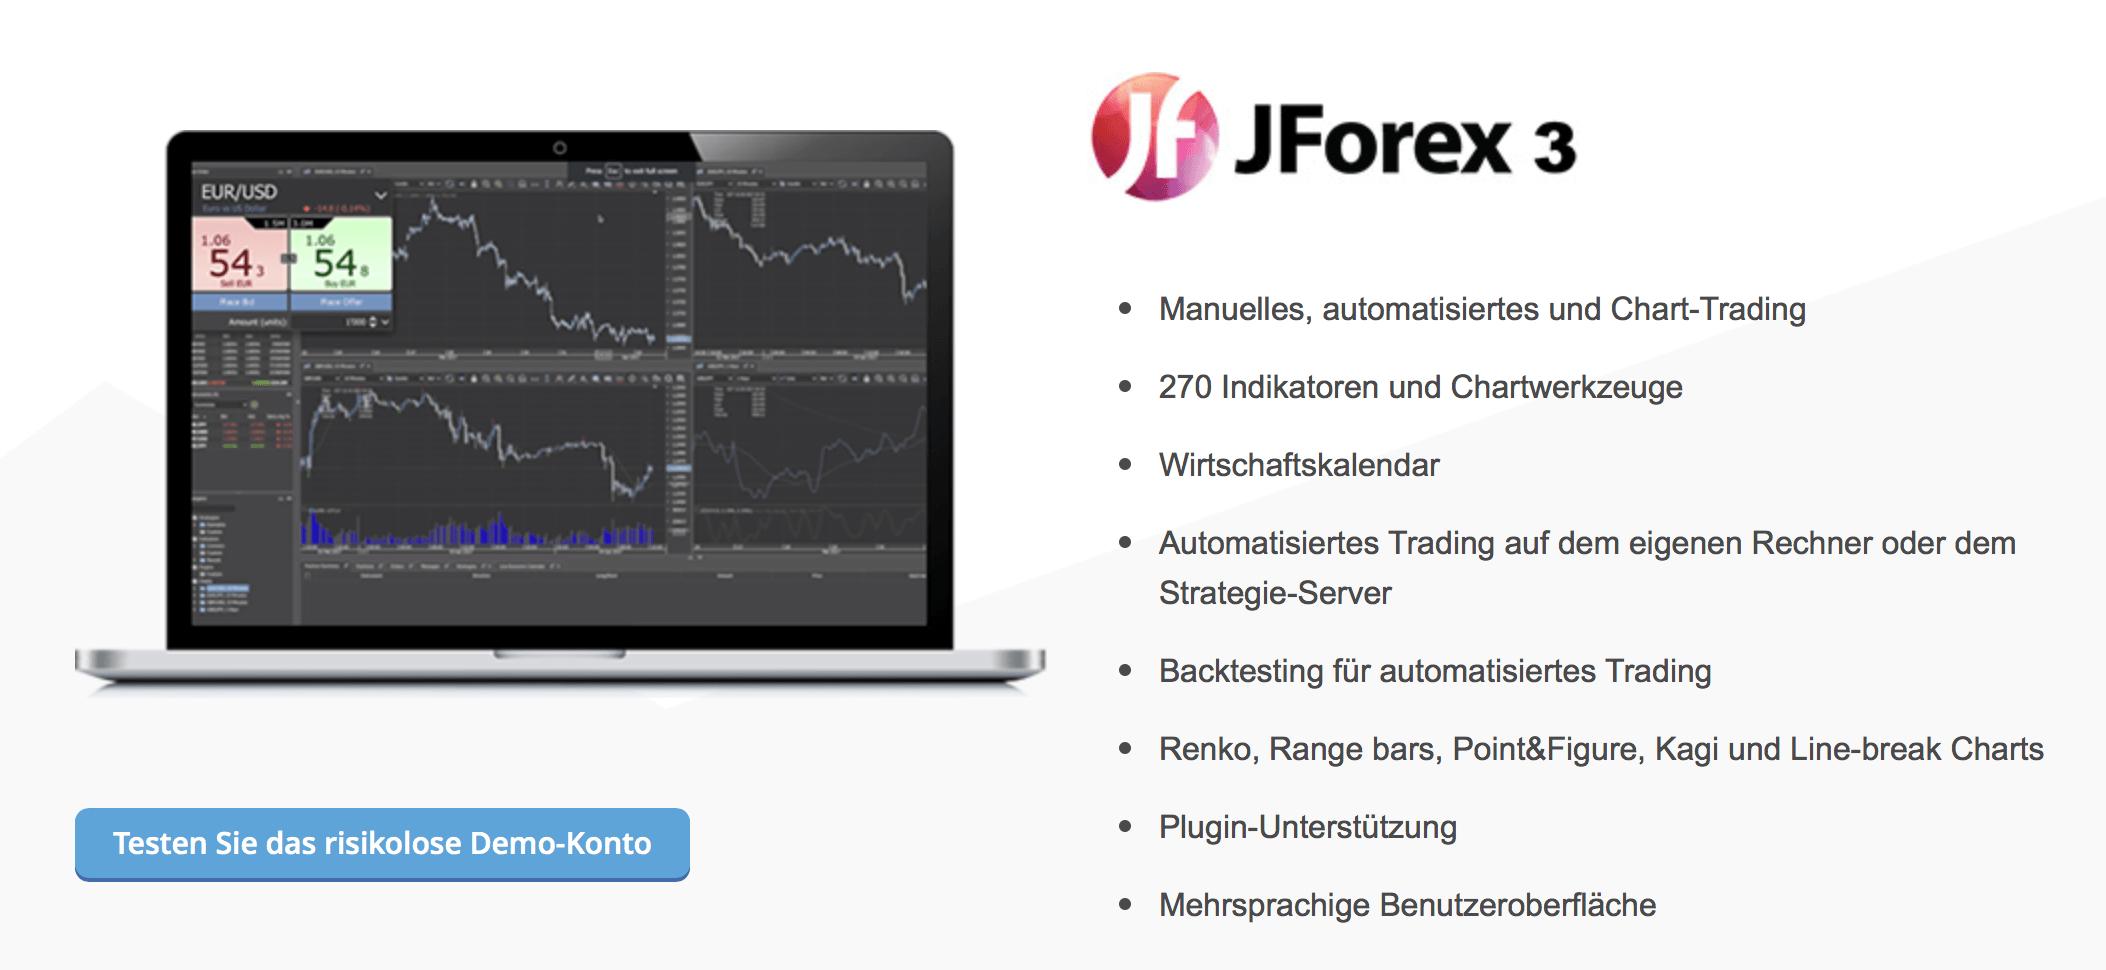 Bei Dukascopy können Trader unter anderem über JForex 3 handeln